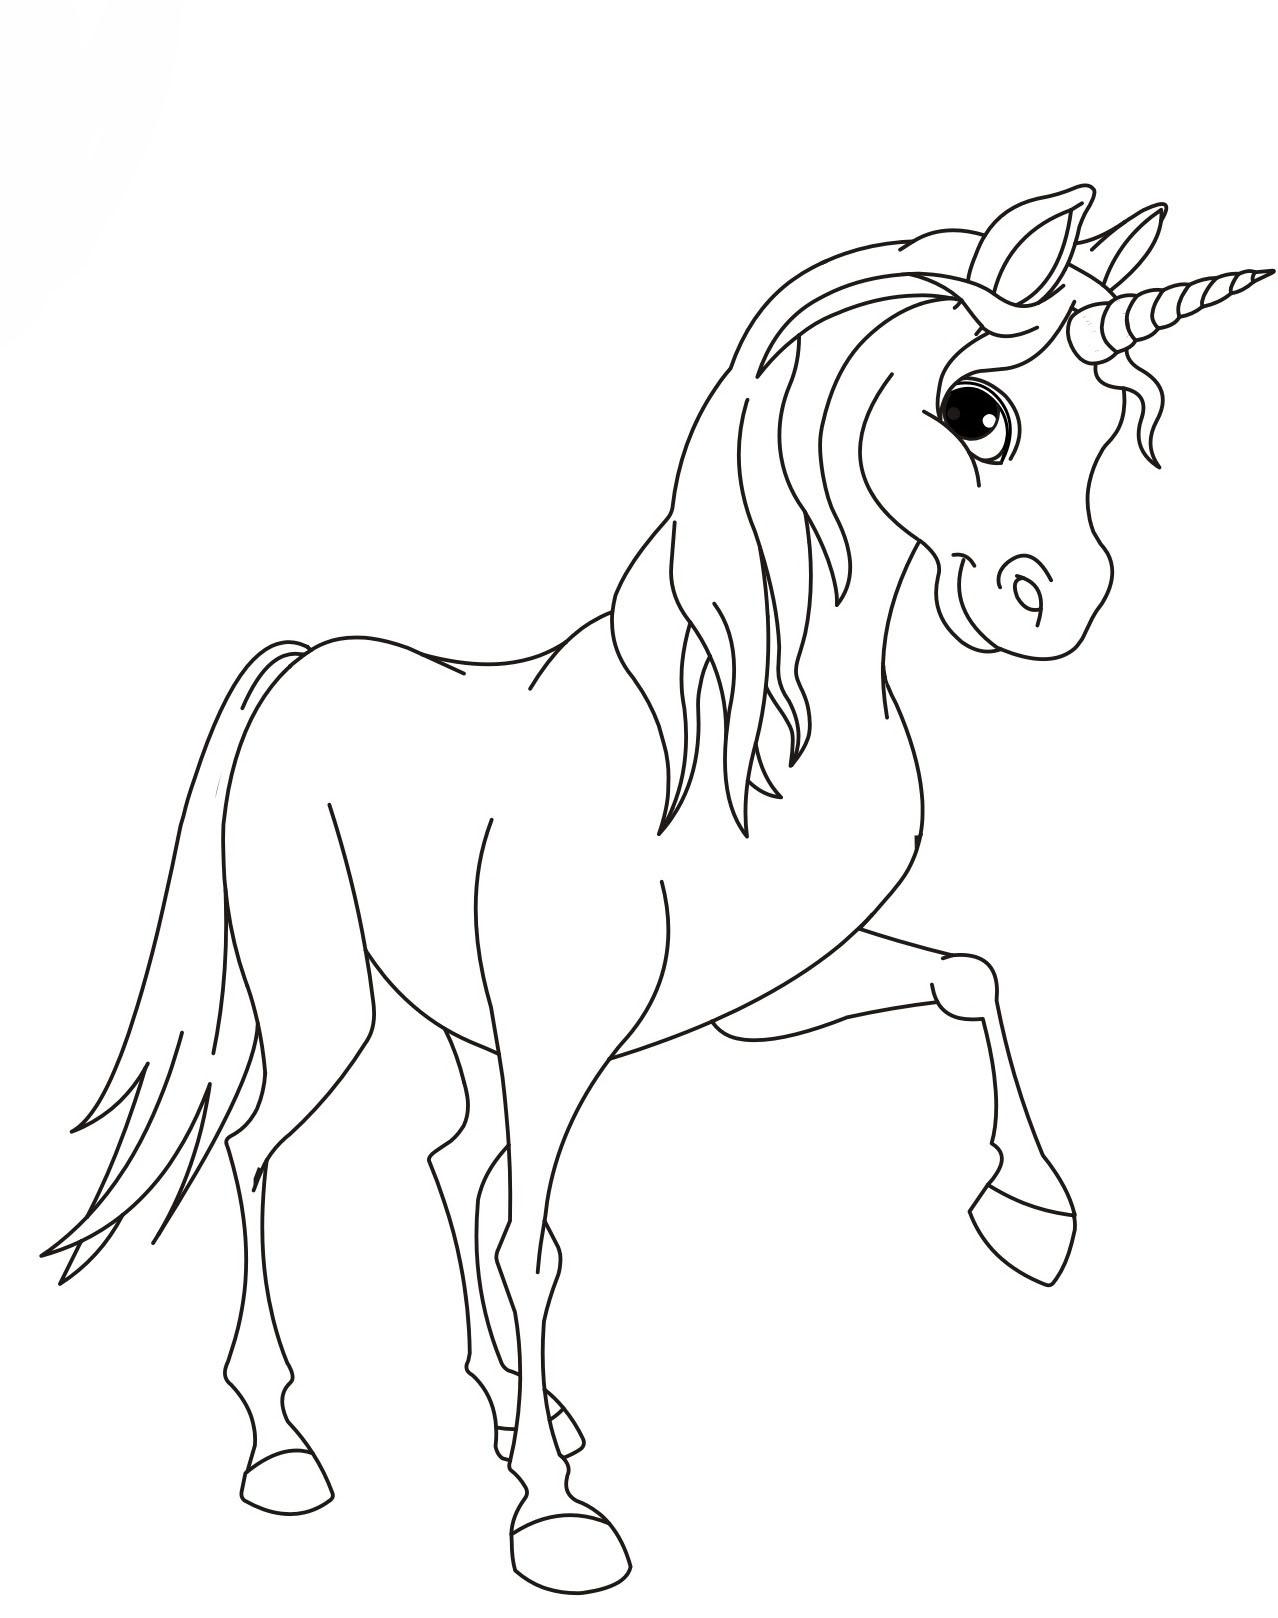 Ausmalbilder, Malvorlagen Von Pegasus Pferd Kostenlos Zum bei Pegasus Ausmalbilder Zum Ausdrucken